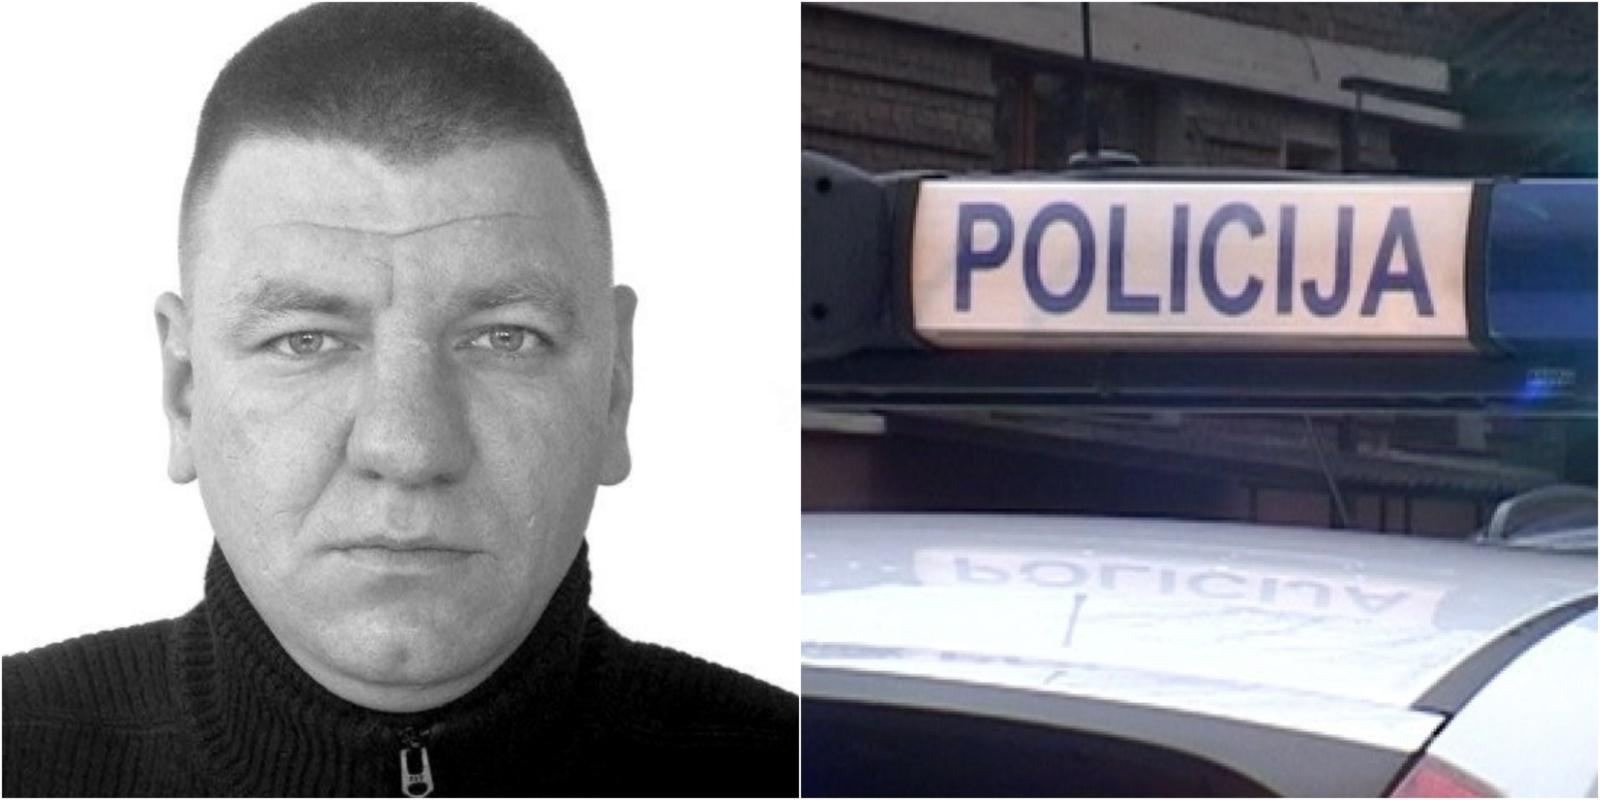 Alytaus policija ieško nužudymu įtariamo vyro